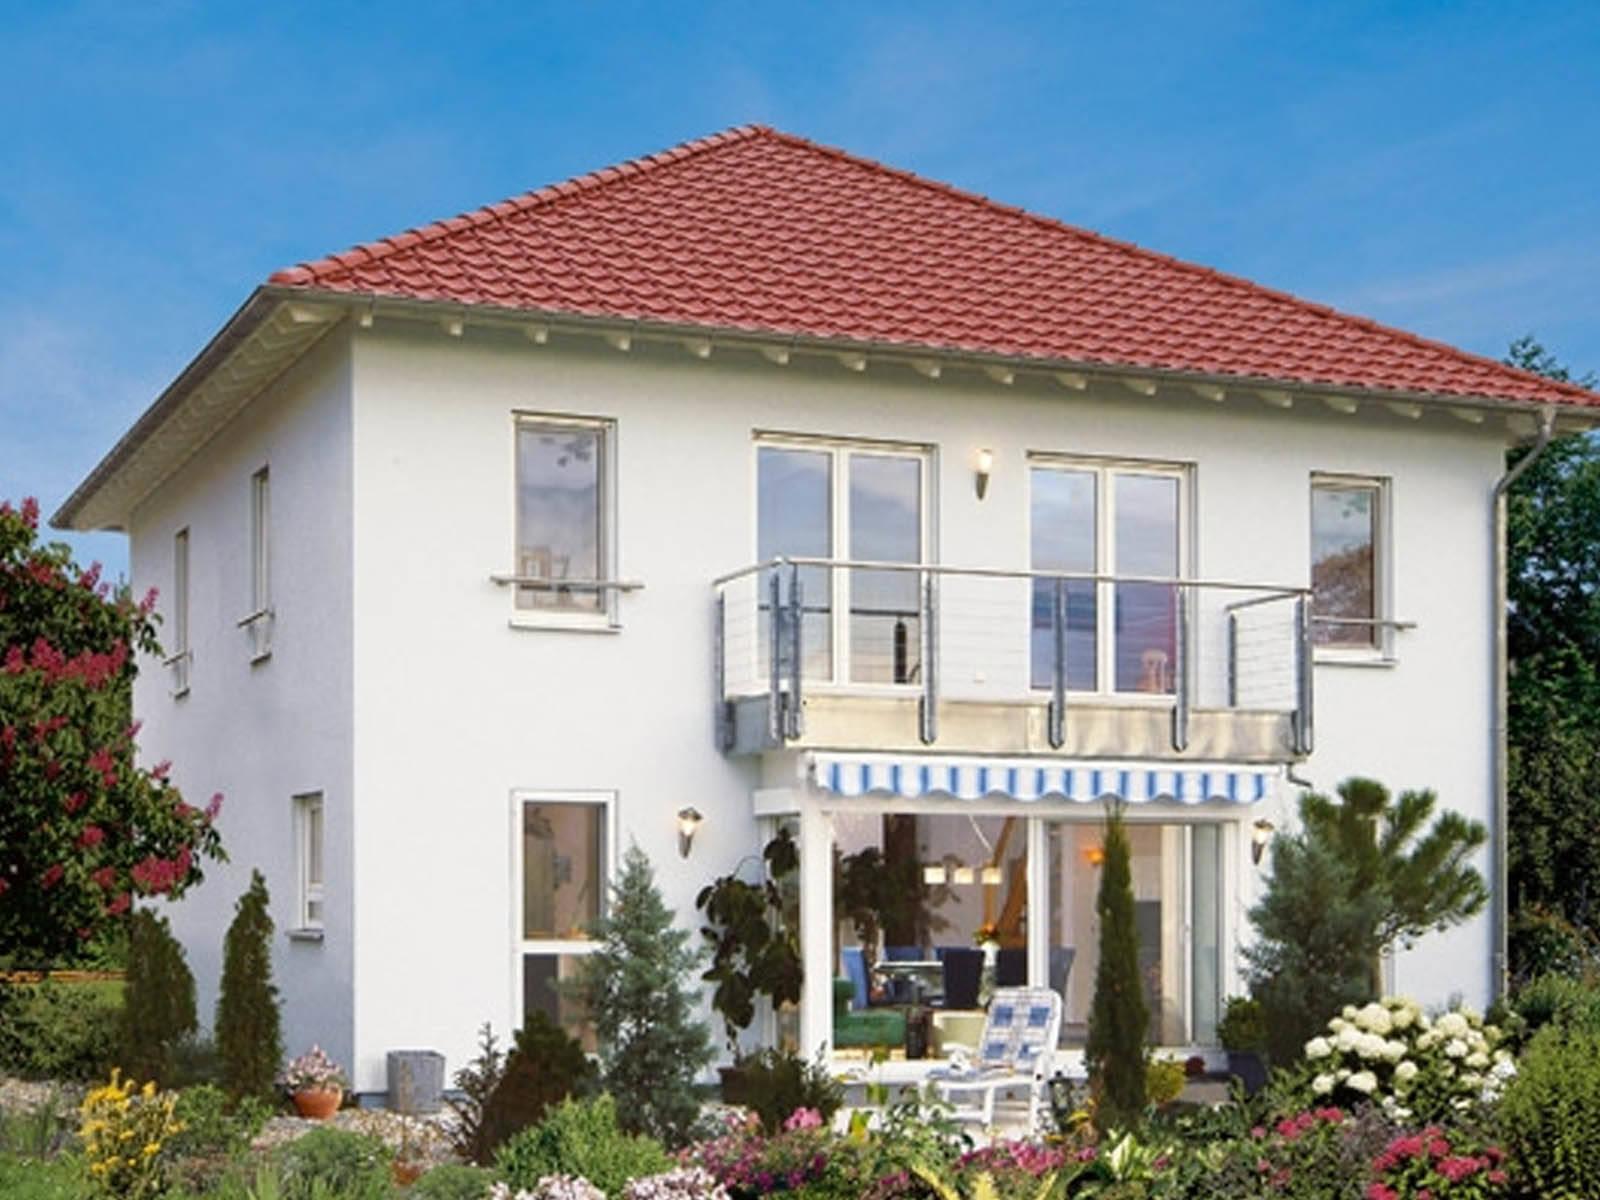 Stadtvilla Haus Sattler - Fertighaus WEISS